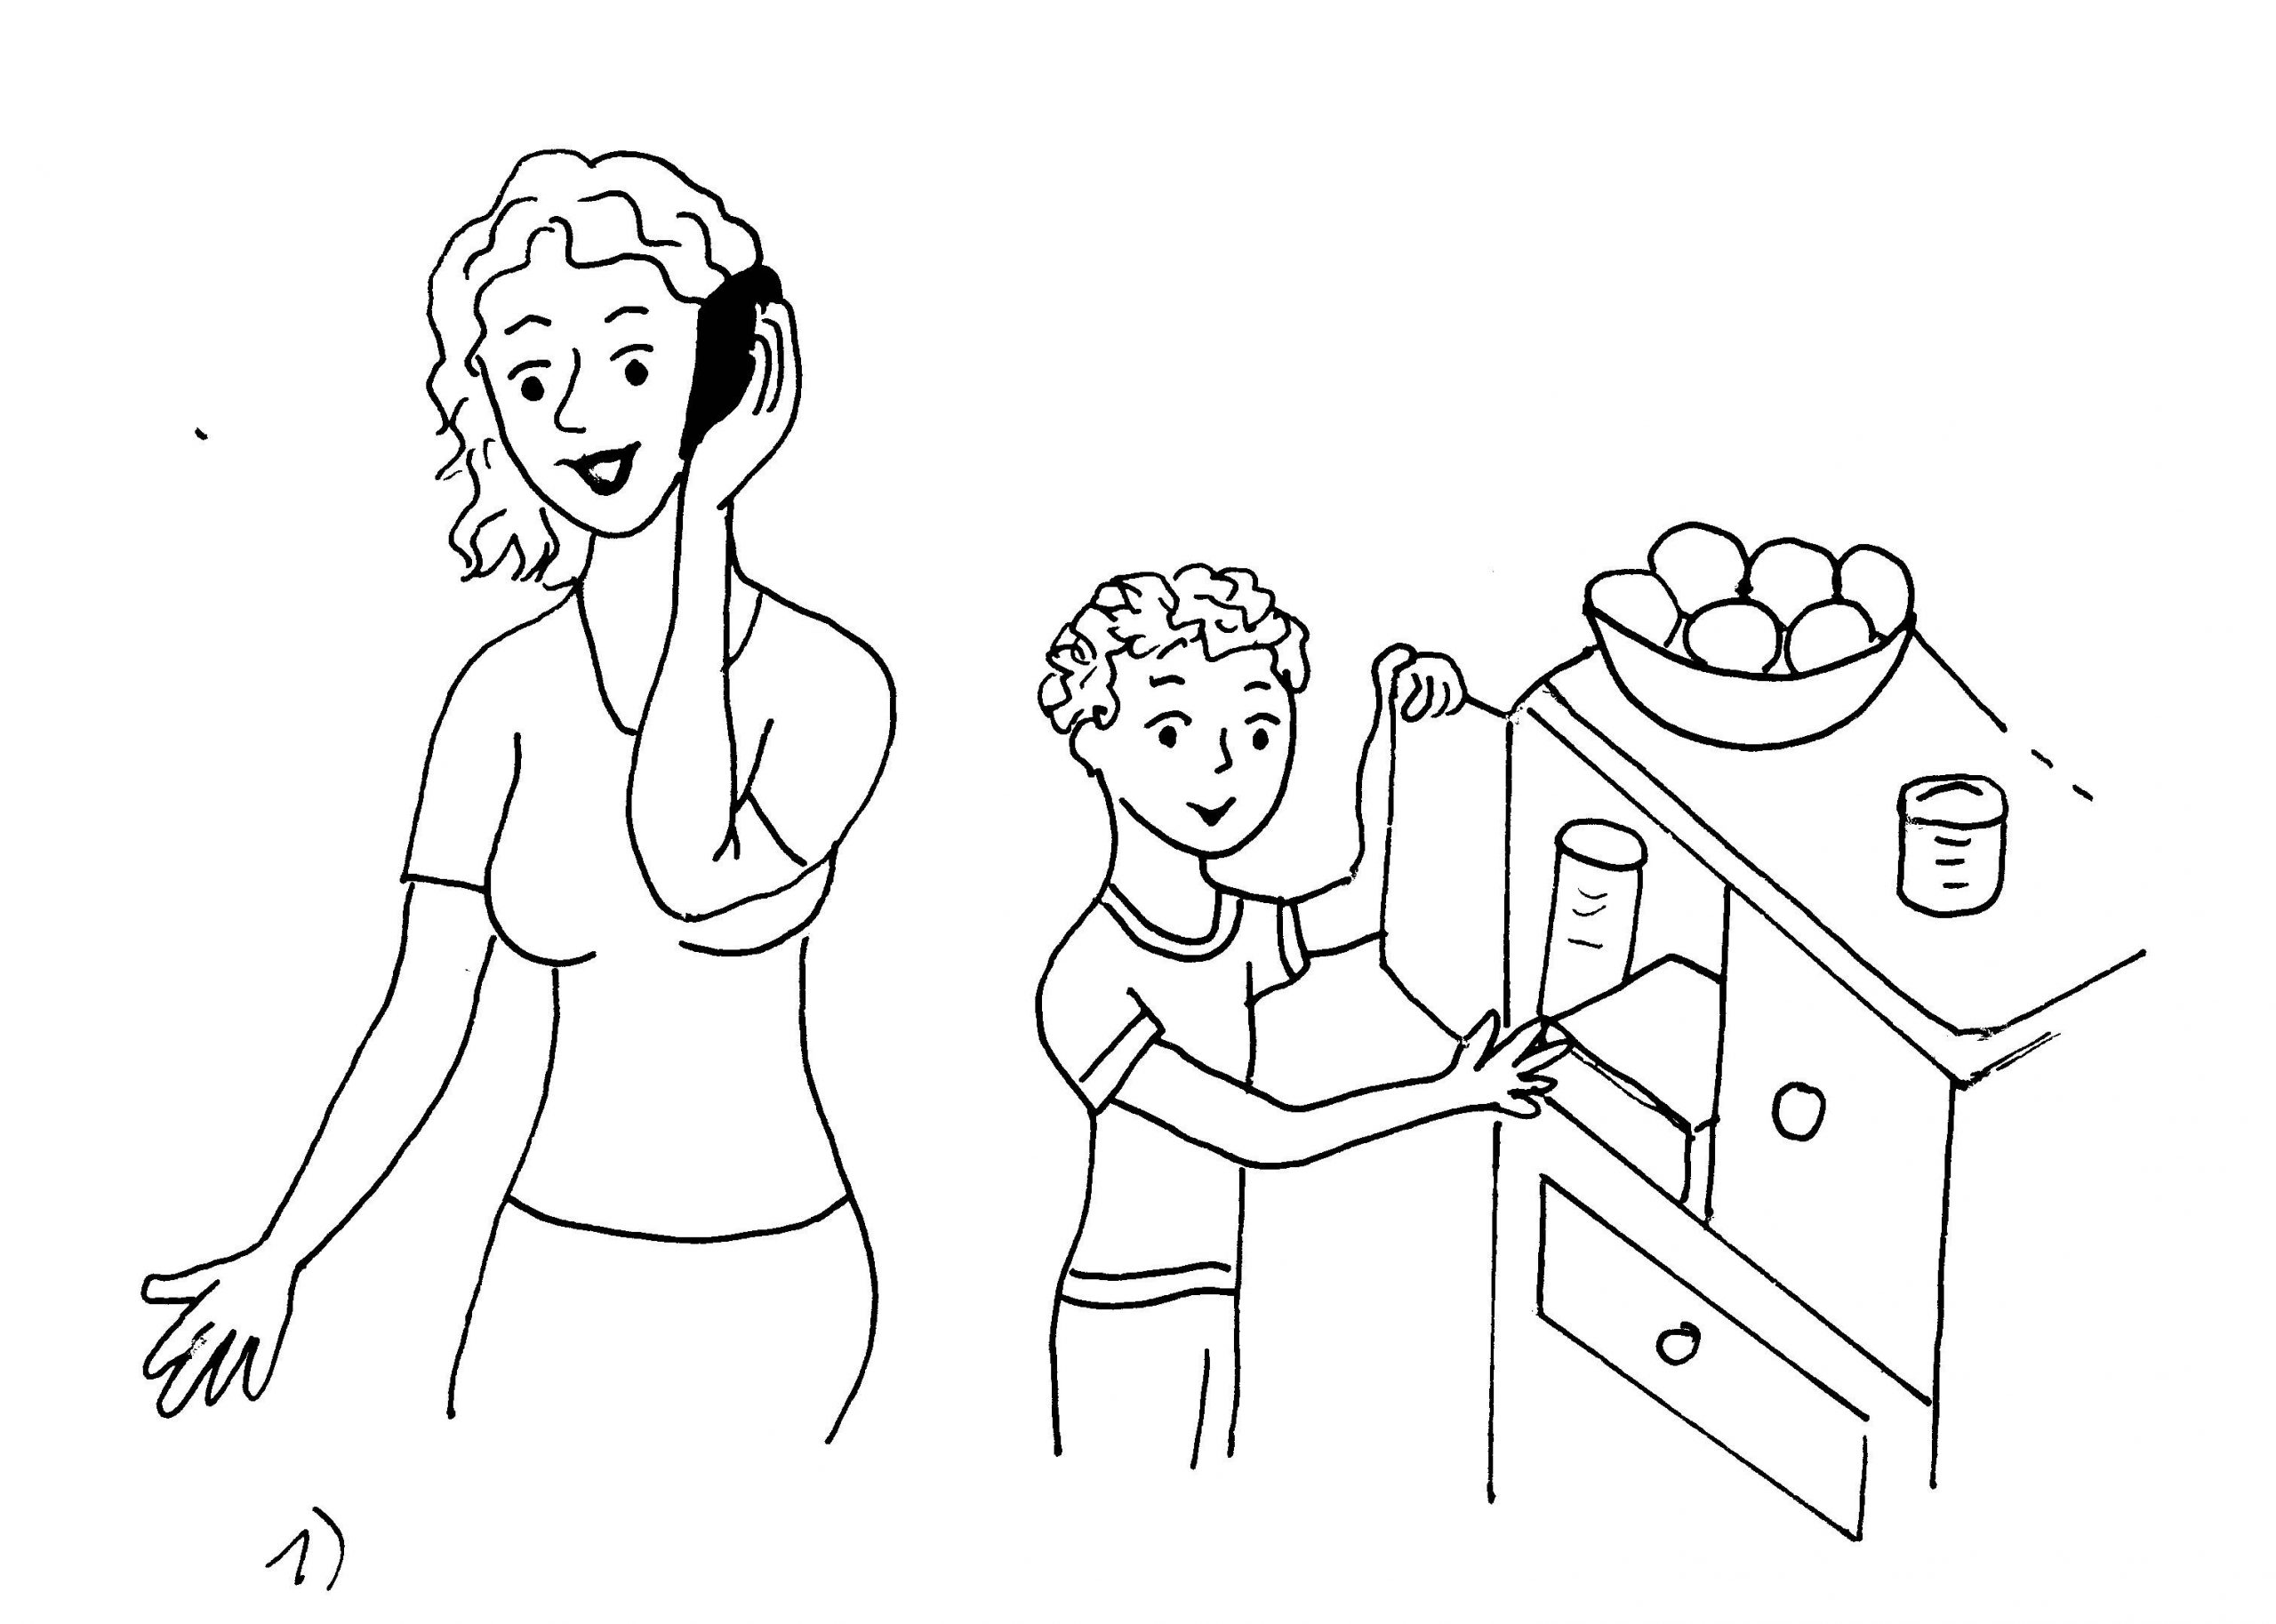 Bildergeschichte Aufgabe Klasse 3: Süße Versuchung verwandt mit Aufsatz Bildergeschichte 3 Klasse Kostenlos